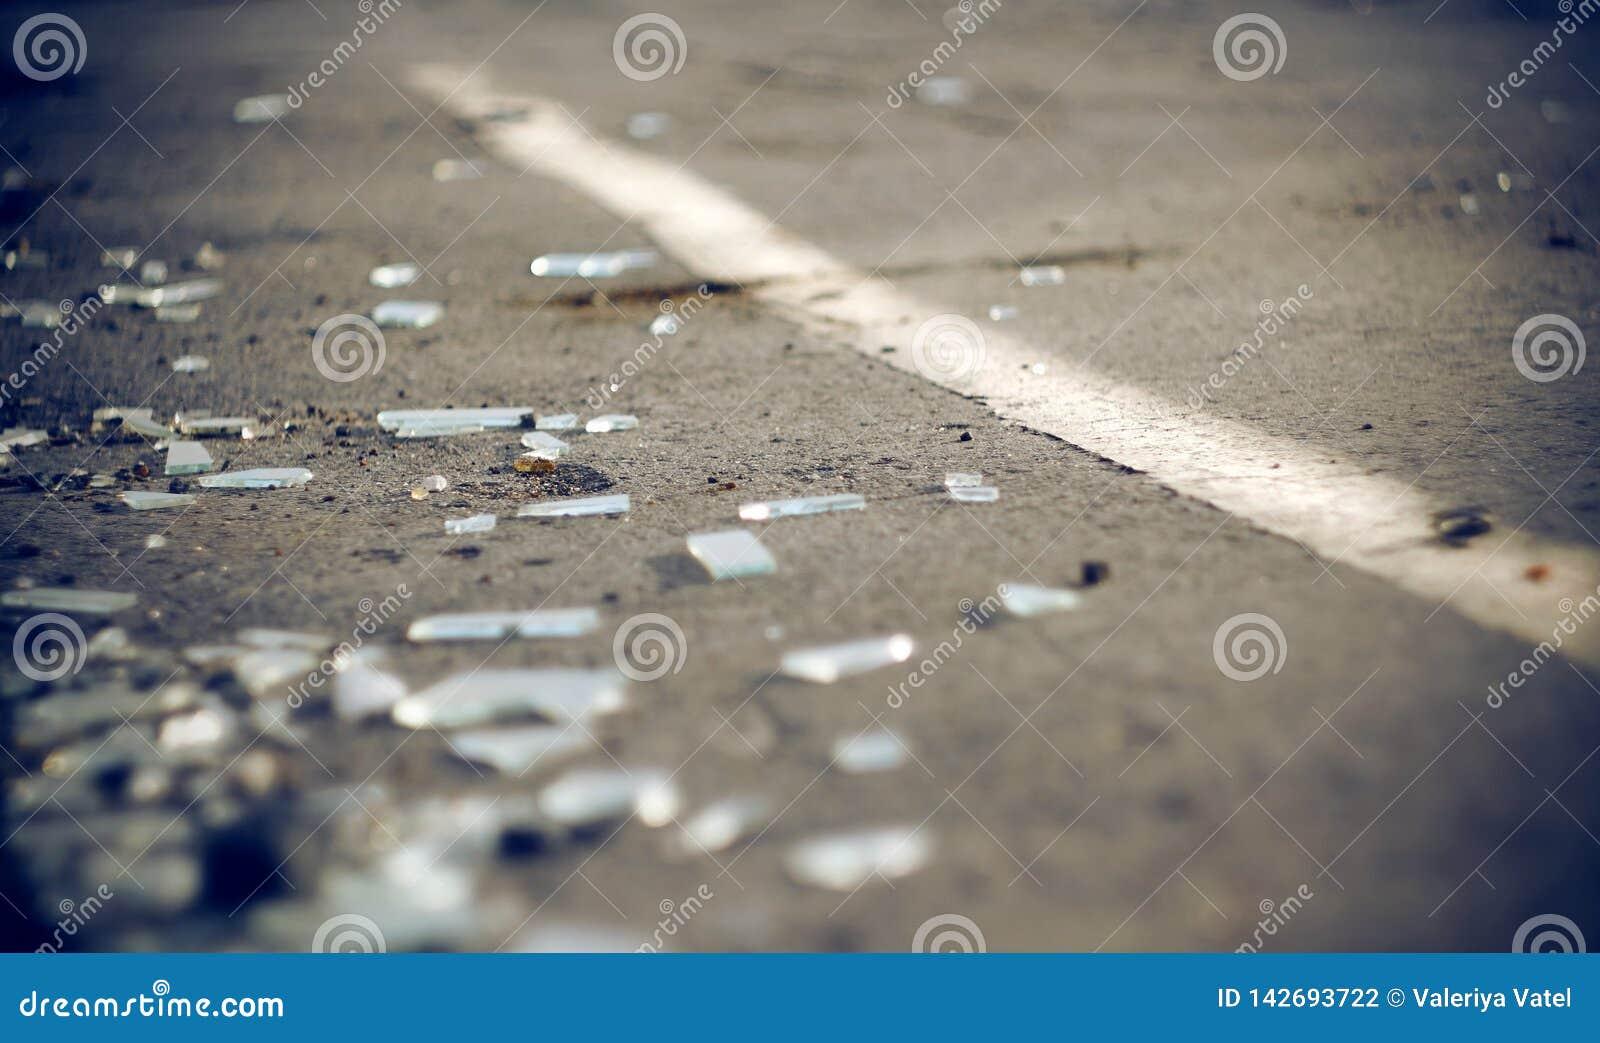 Черепки автомобильного стекла в аварии